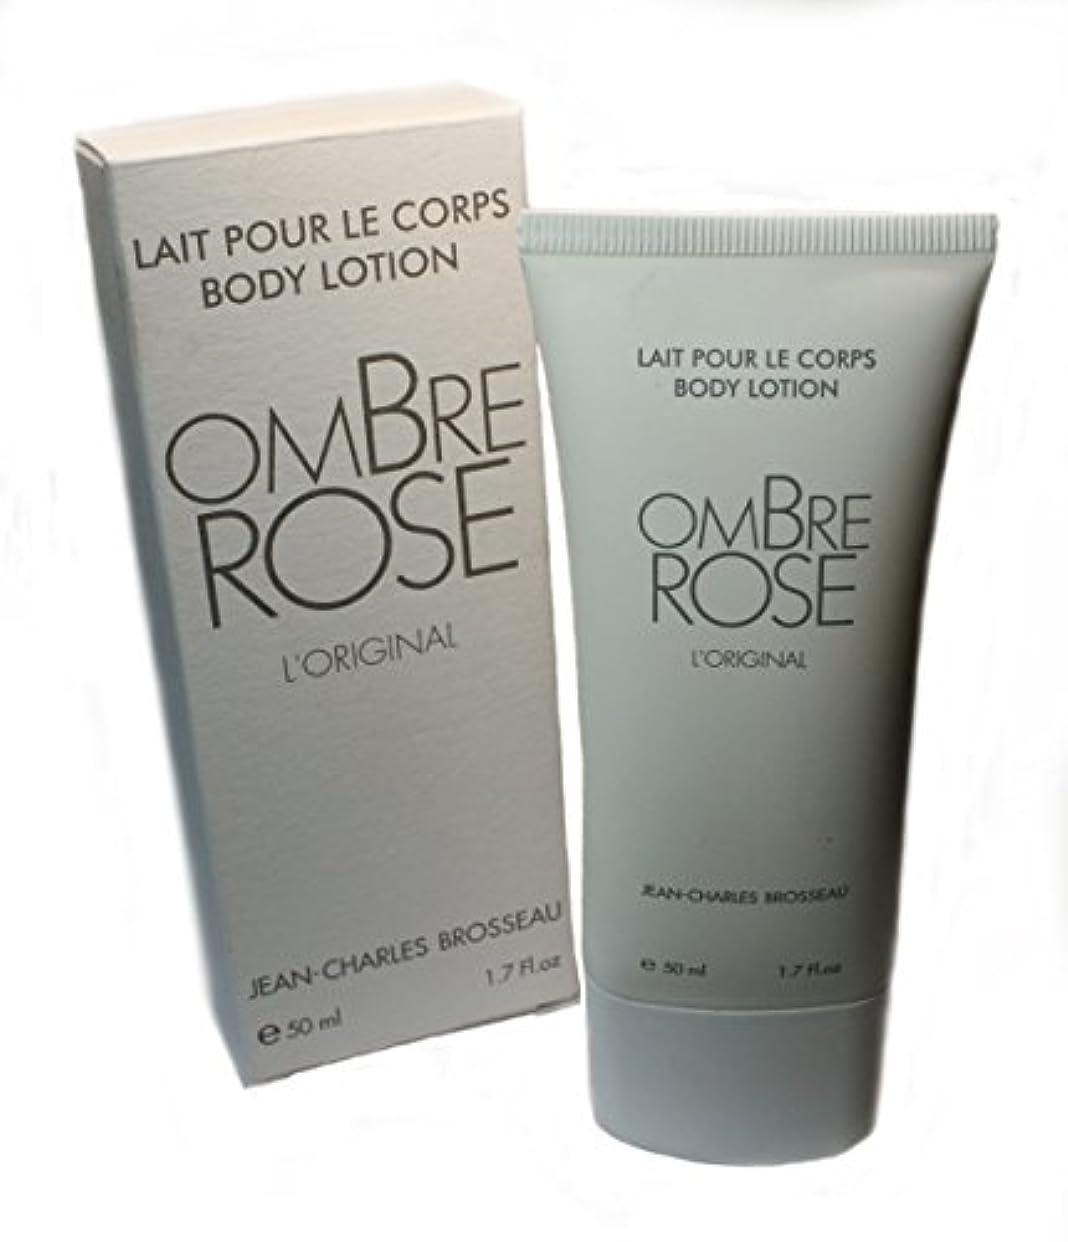 スカートルーフセンチメンタルJean-Charles Brosseau Ombre Rose L'Original Body Lotion(ジャン シャルル ブロッソー オンブル ローズ オリジナル ボディーローション)50ml